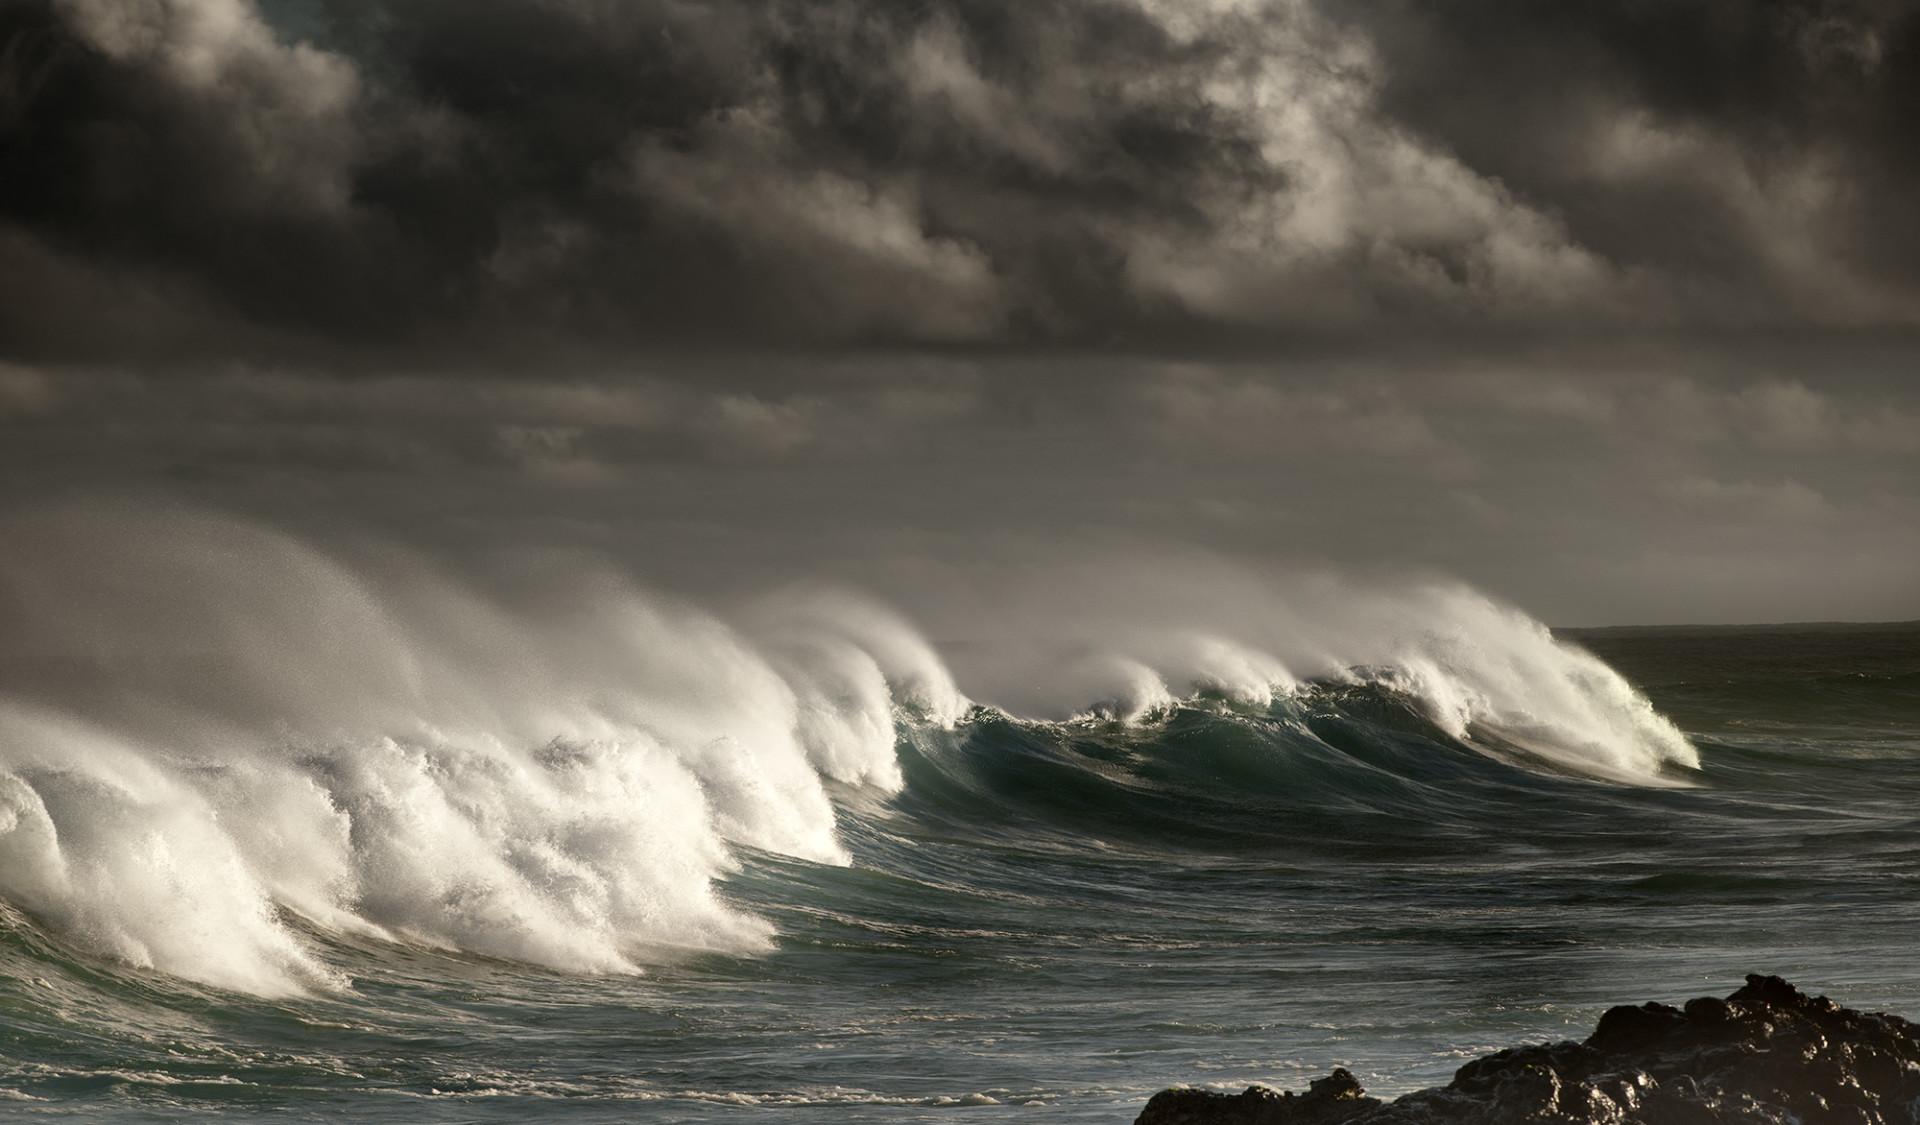 Waves of Maui